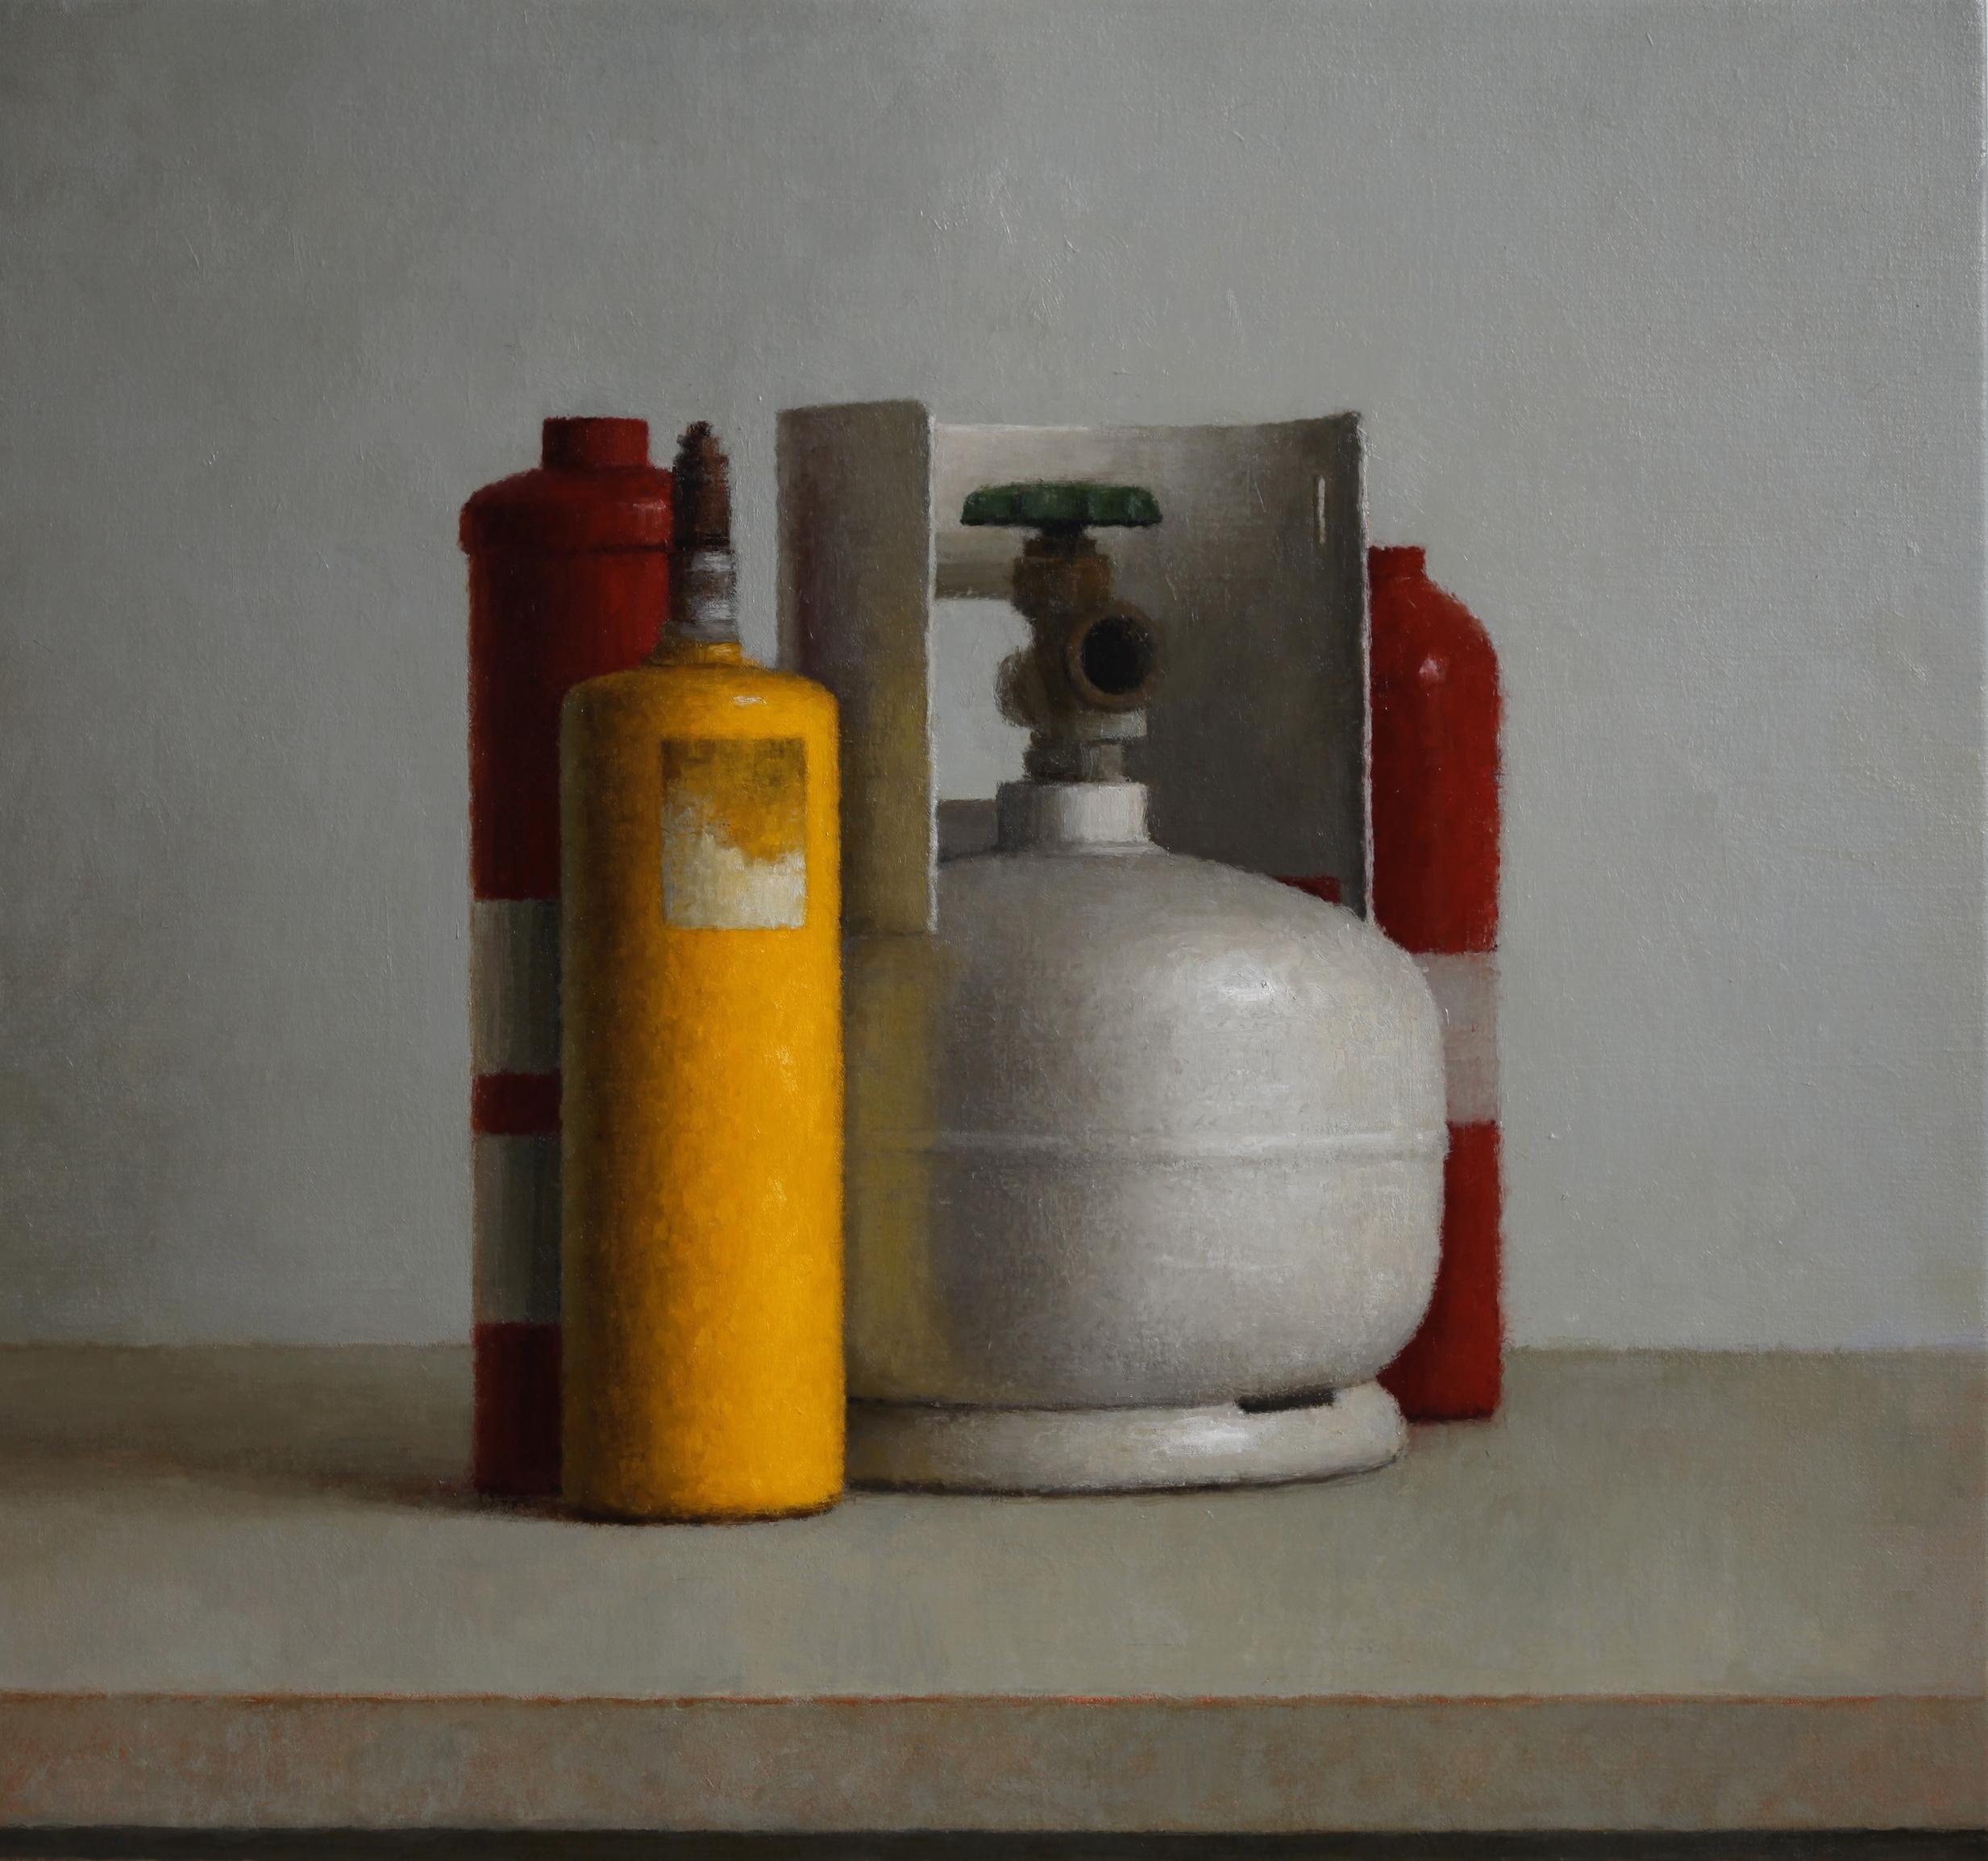 SL288, 2011, Oil on linen, 660mm x 705mm